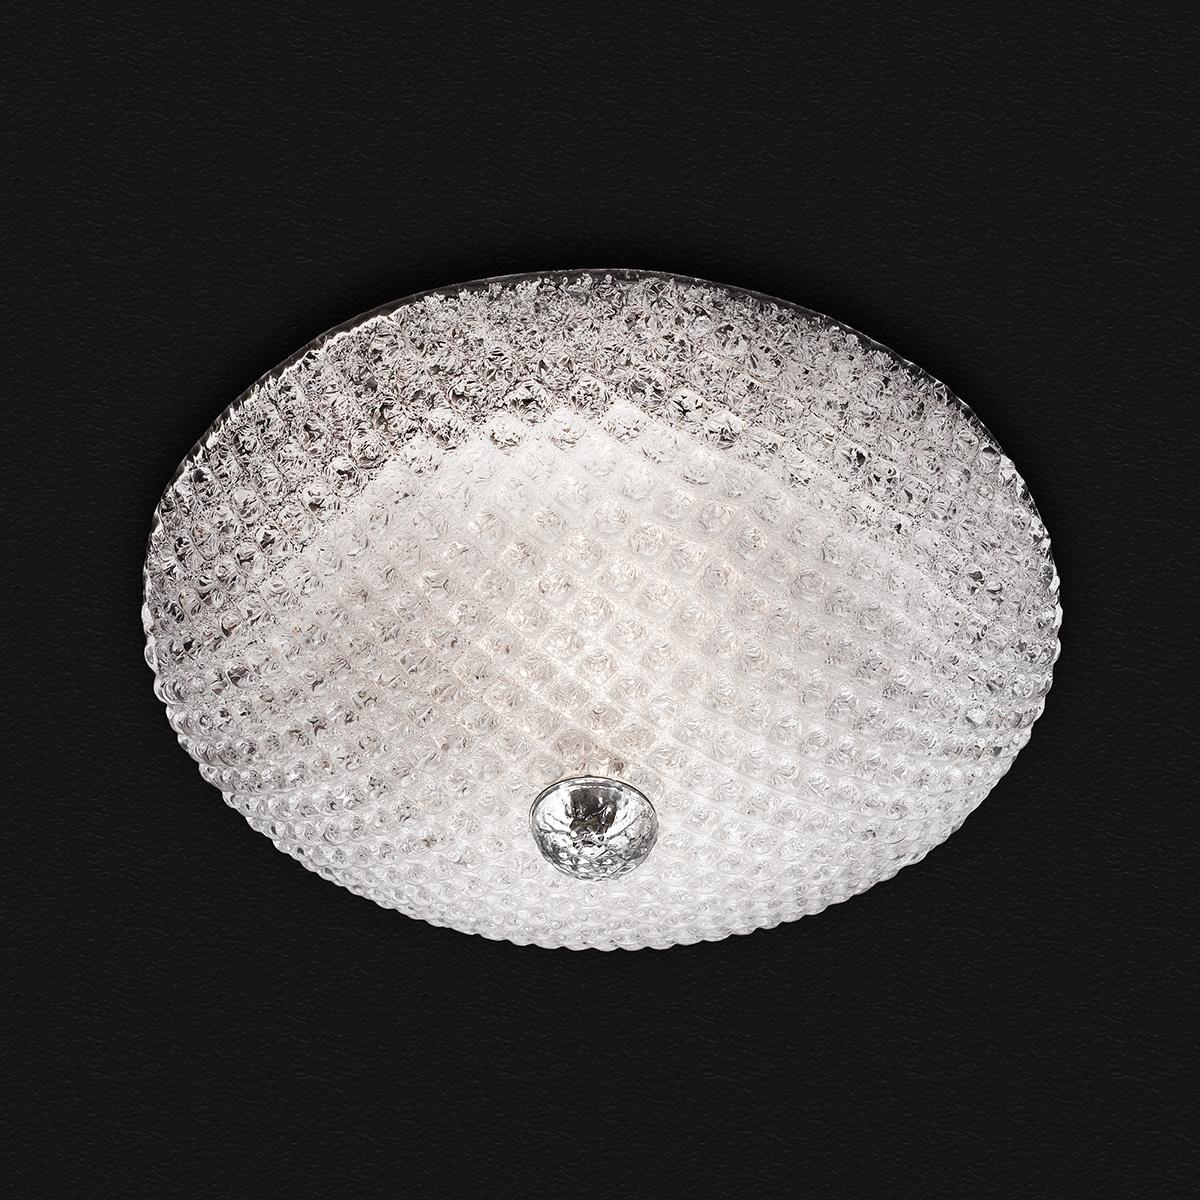 Κλασικό φωτιστικό οροφής QUADRI classic ceiling lamp